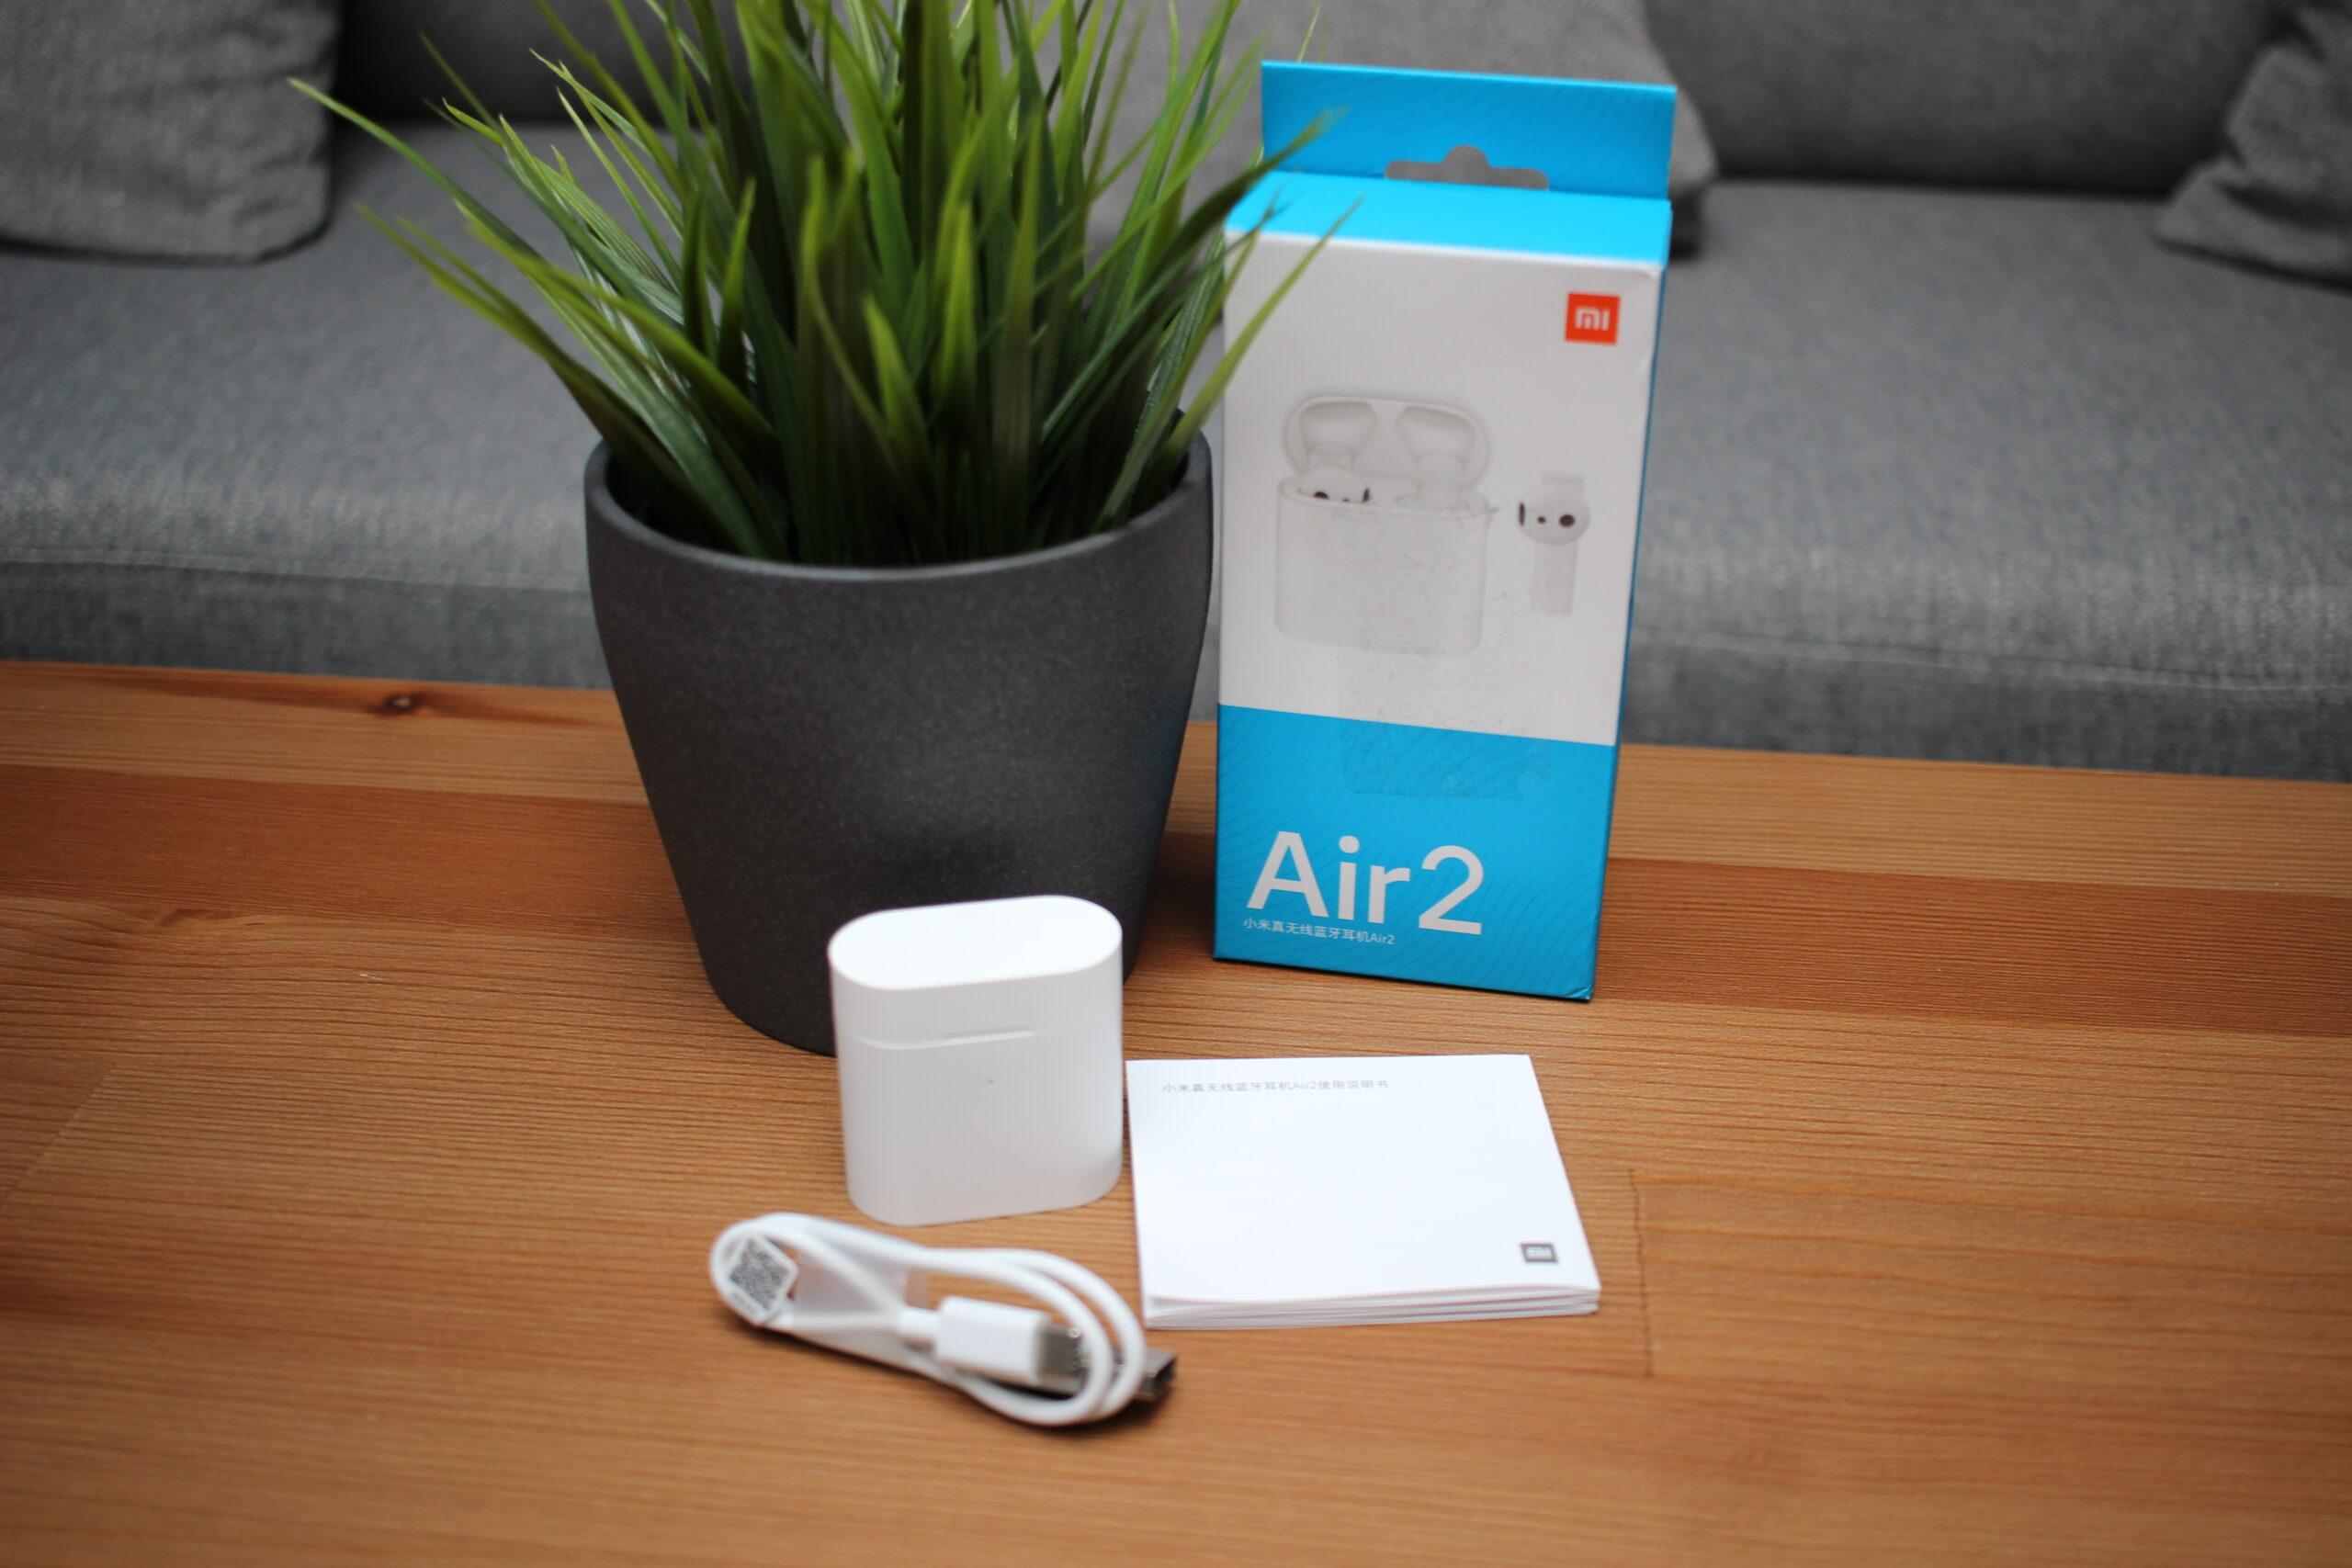 Tai nghe Bluetooth Xiaomi Airdots Pro 2 có gì nổi bật?